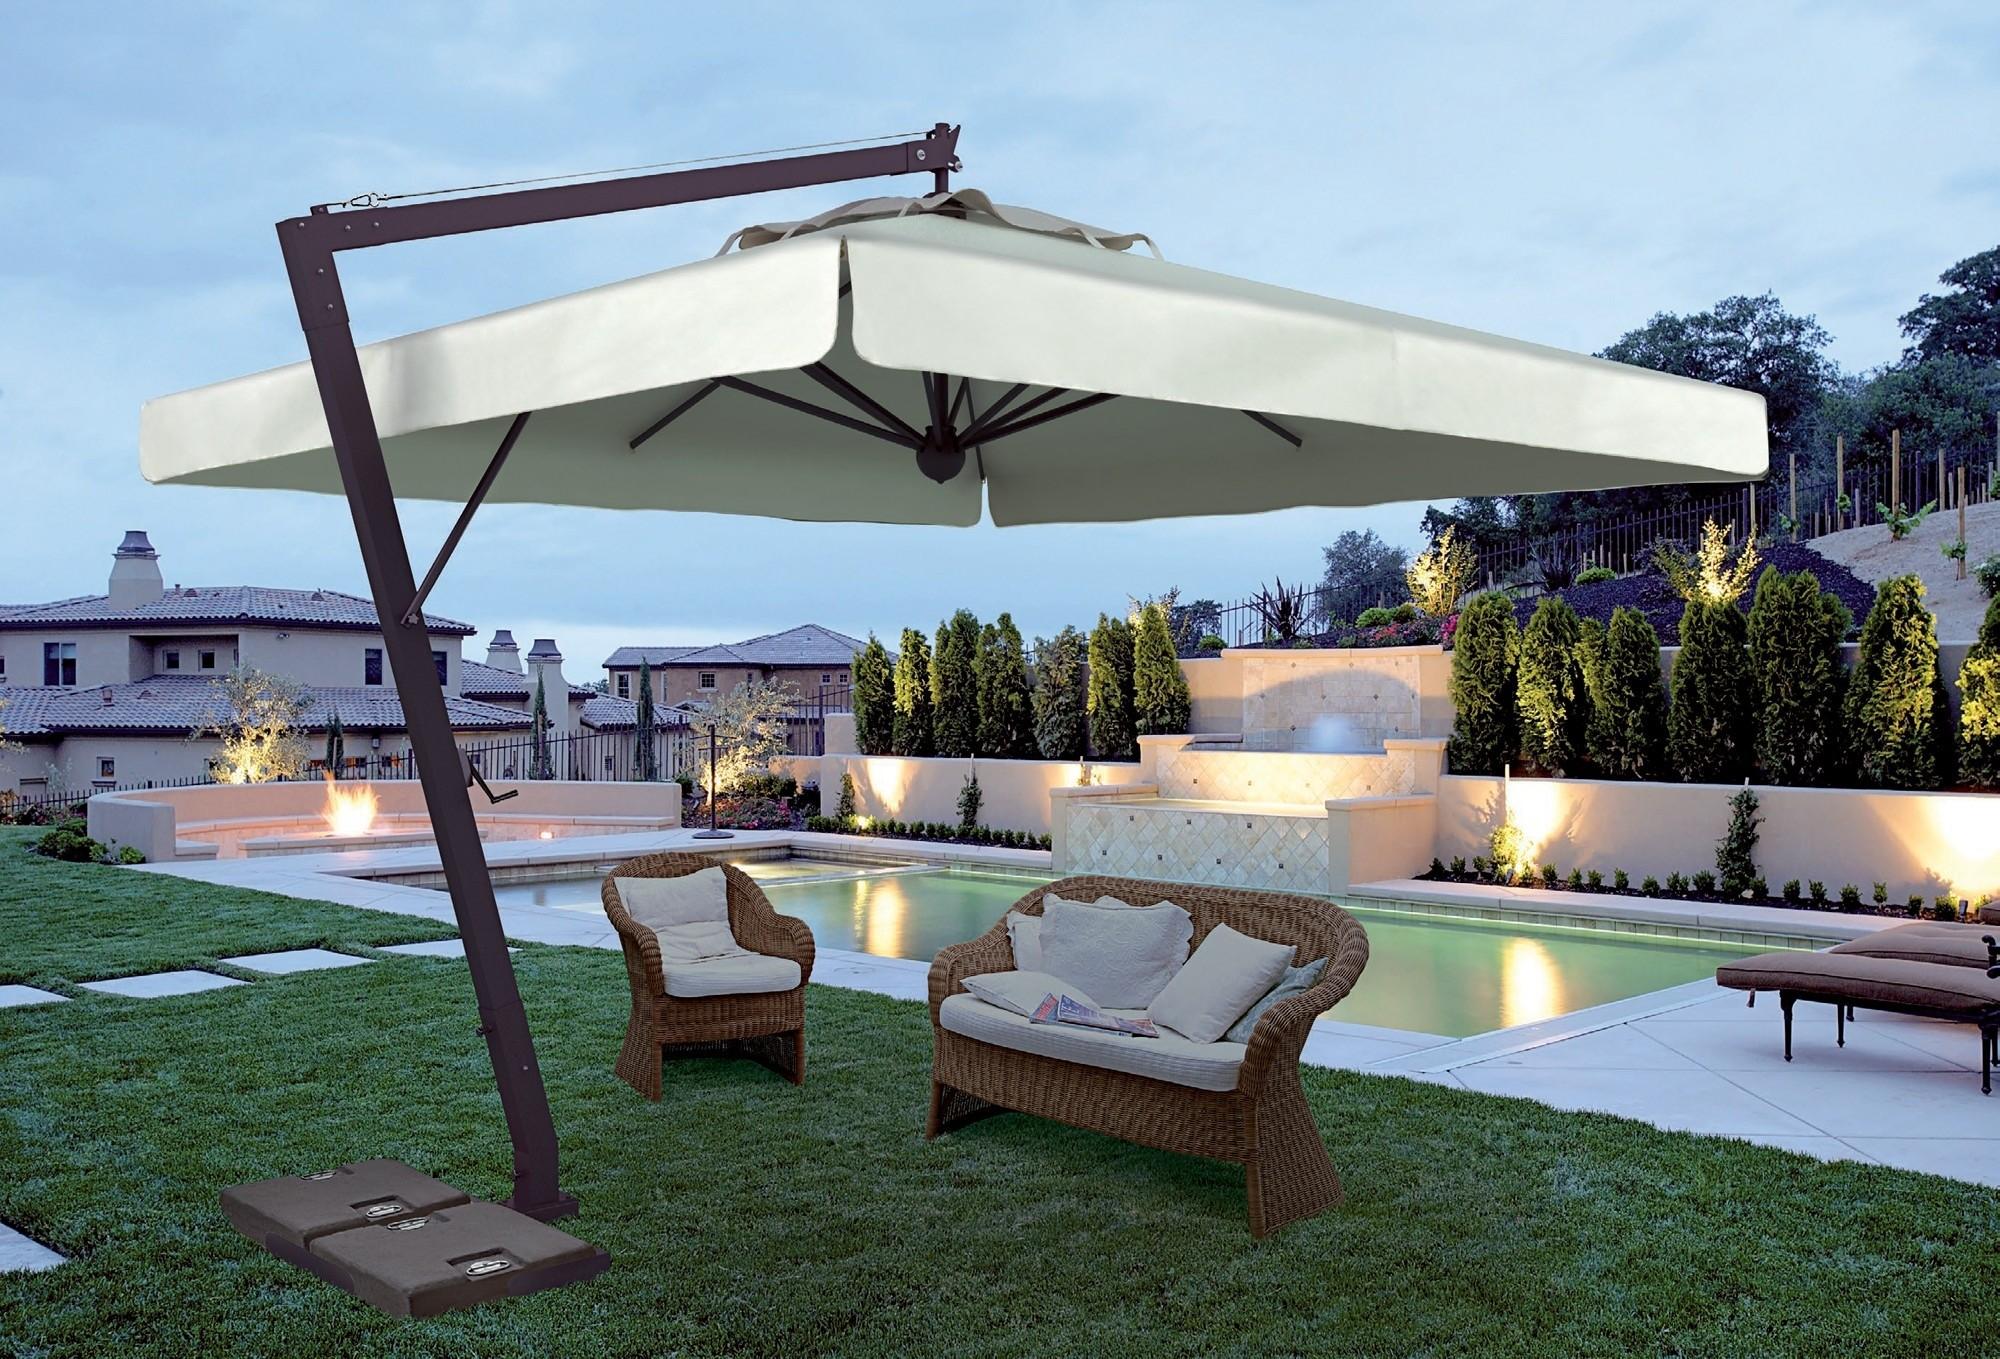 Charming Rectangular Patio Umbrellas